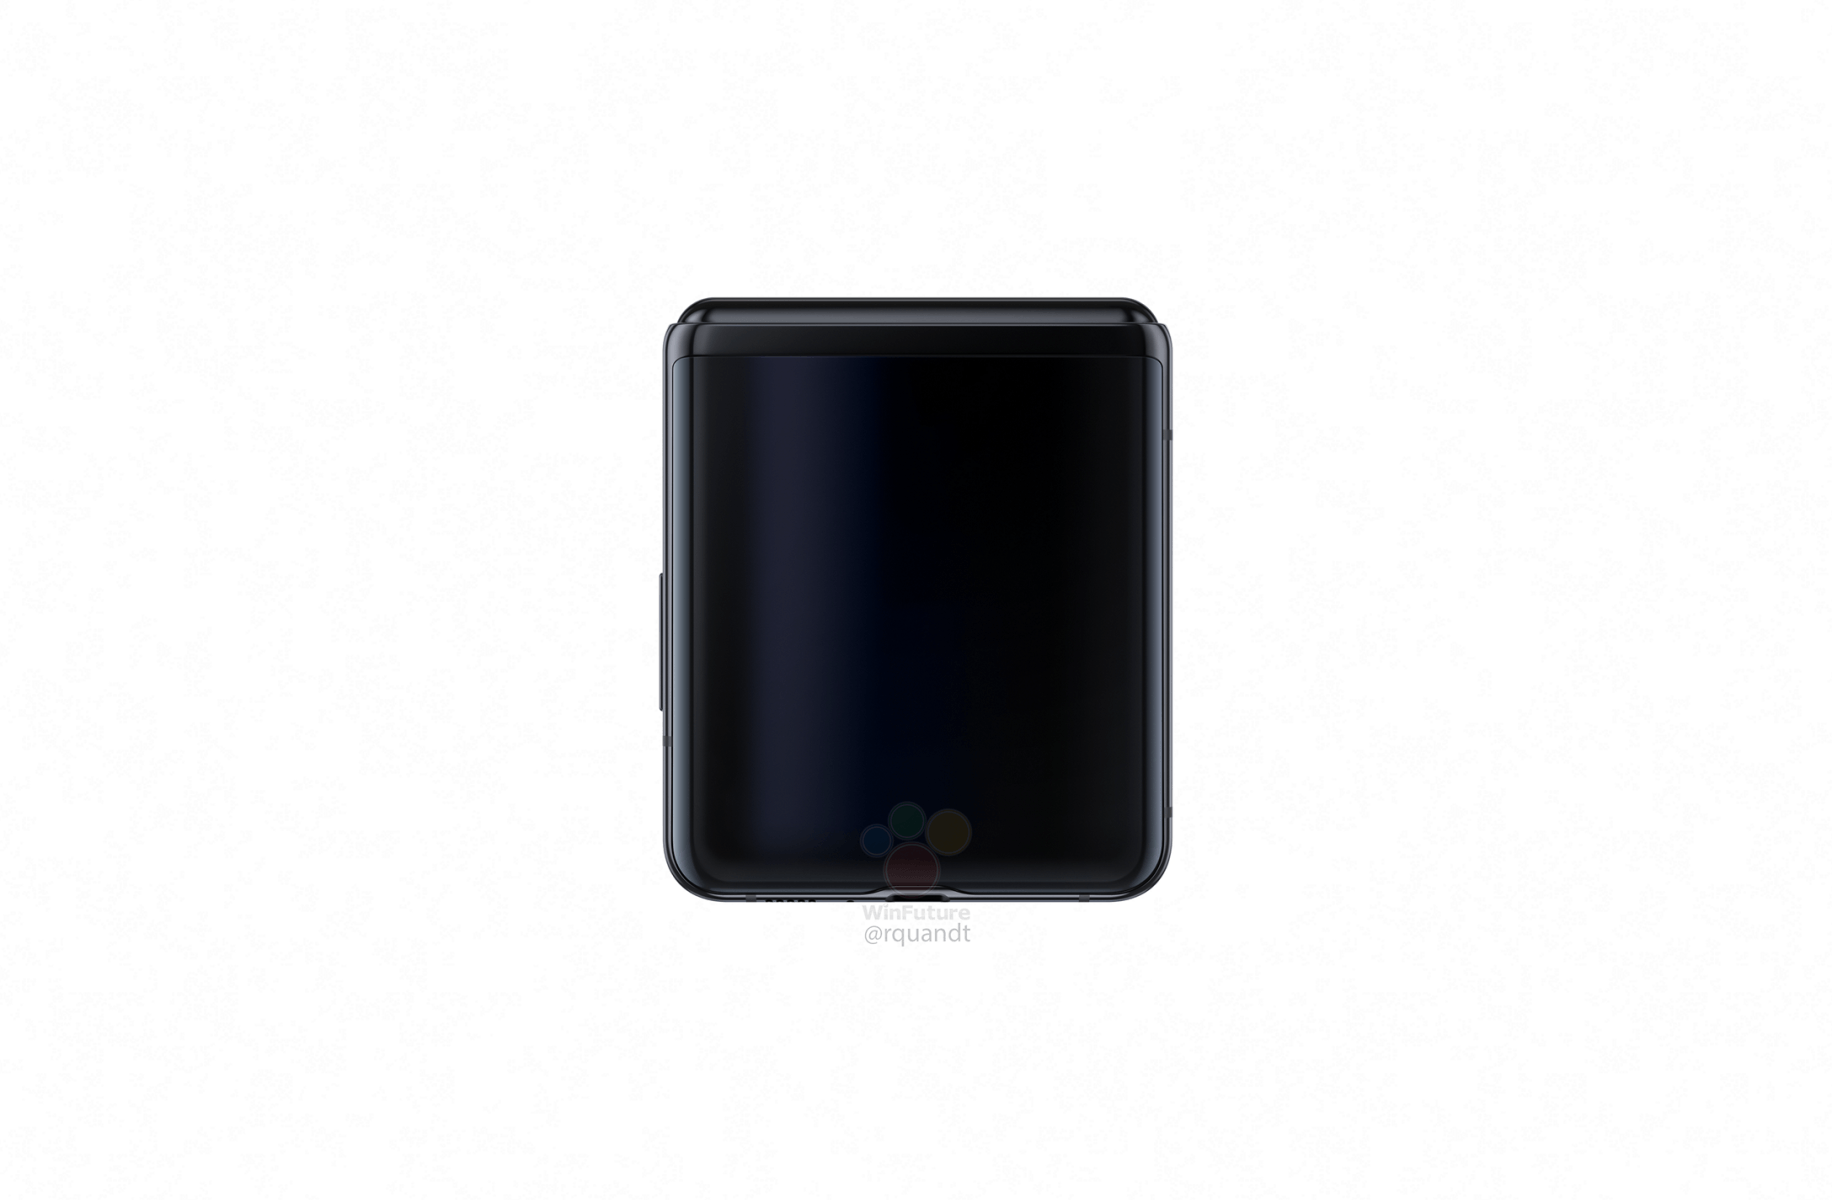 składany smartfon Samsung Galaxy Z Flip cena opinie dane techniczne specyfikacja plotki przecieki wycieki kolory obudowy